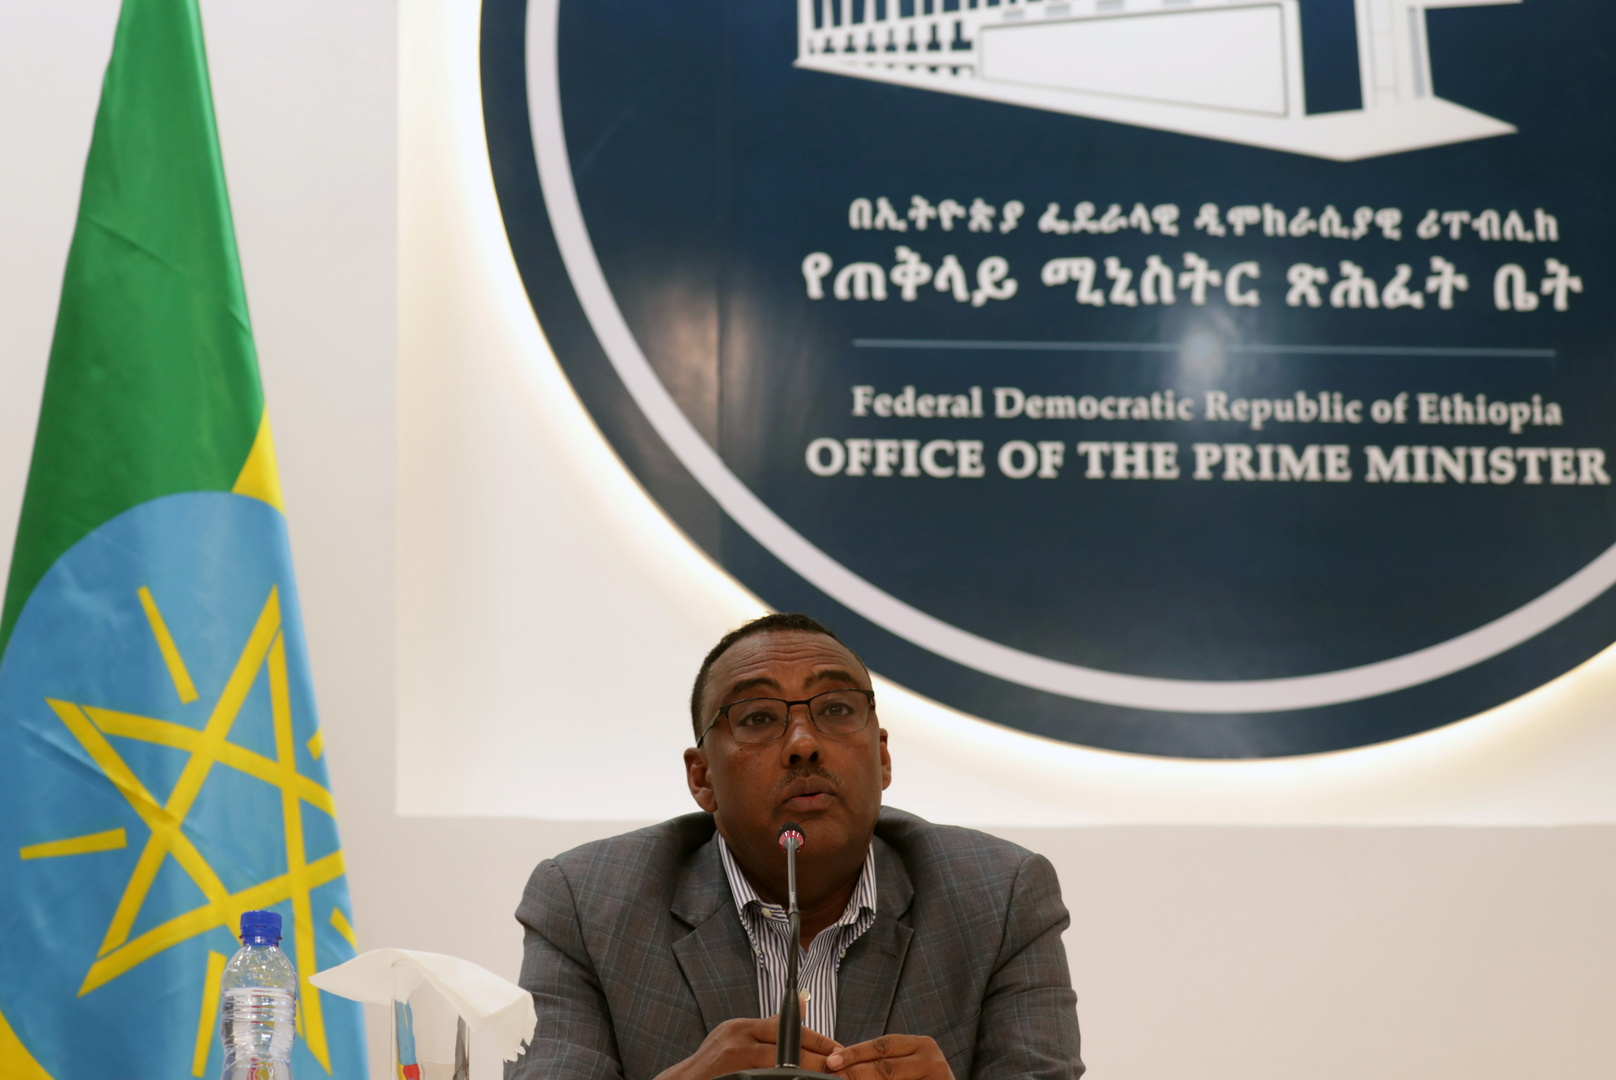 إثيوبيا تبلغ واشنطن تمسكها بالرعاية الإفريقية لمفاوضات سد النهضة